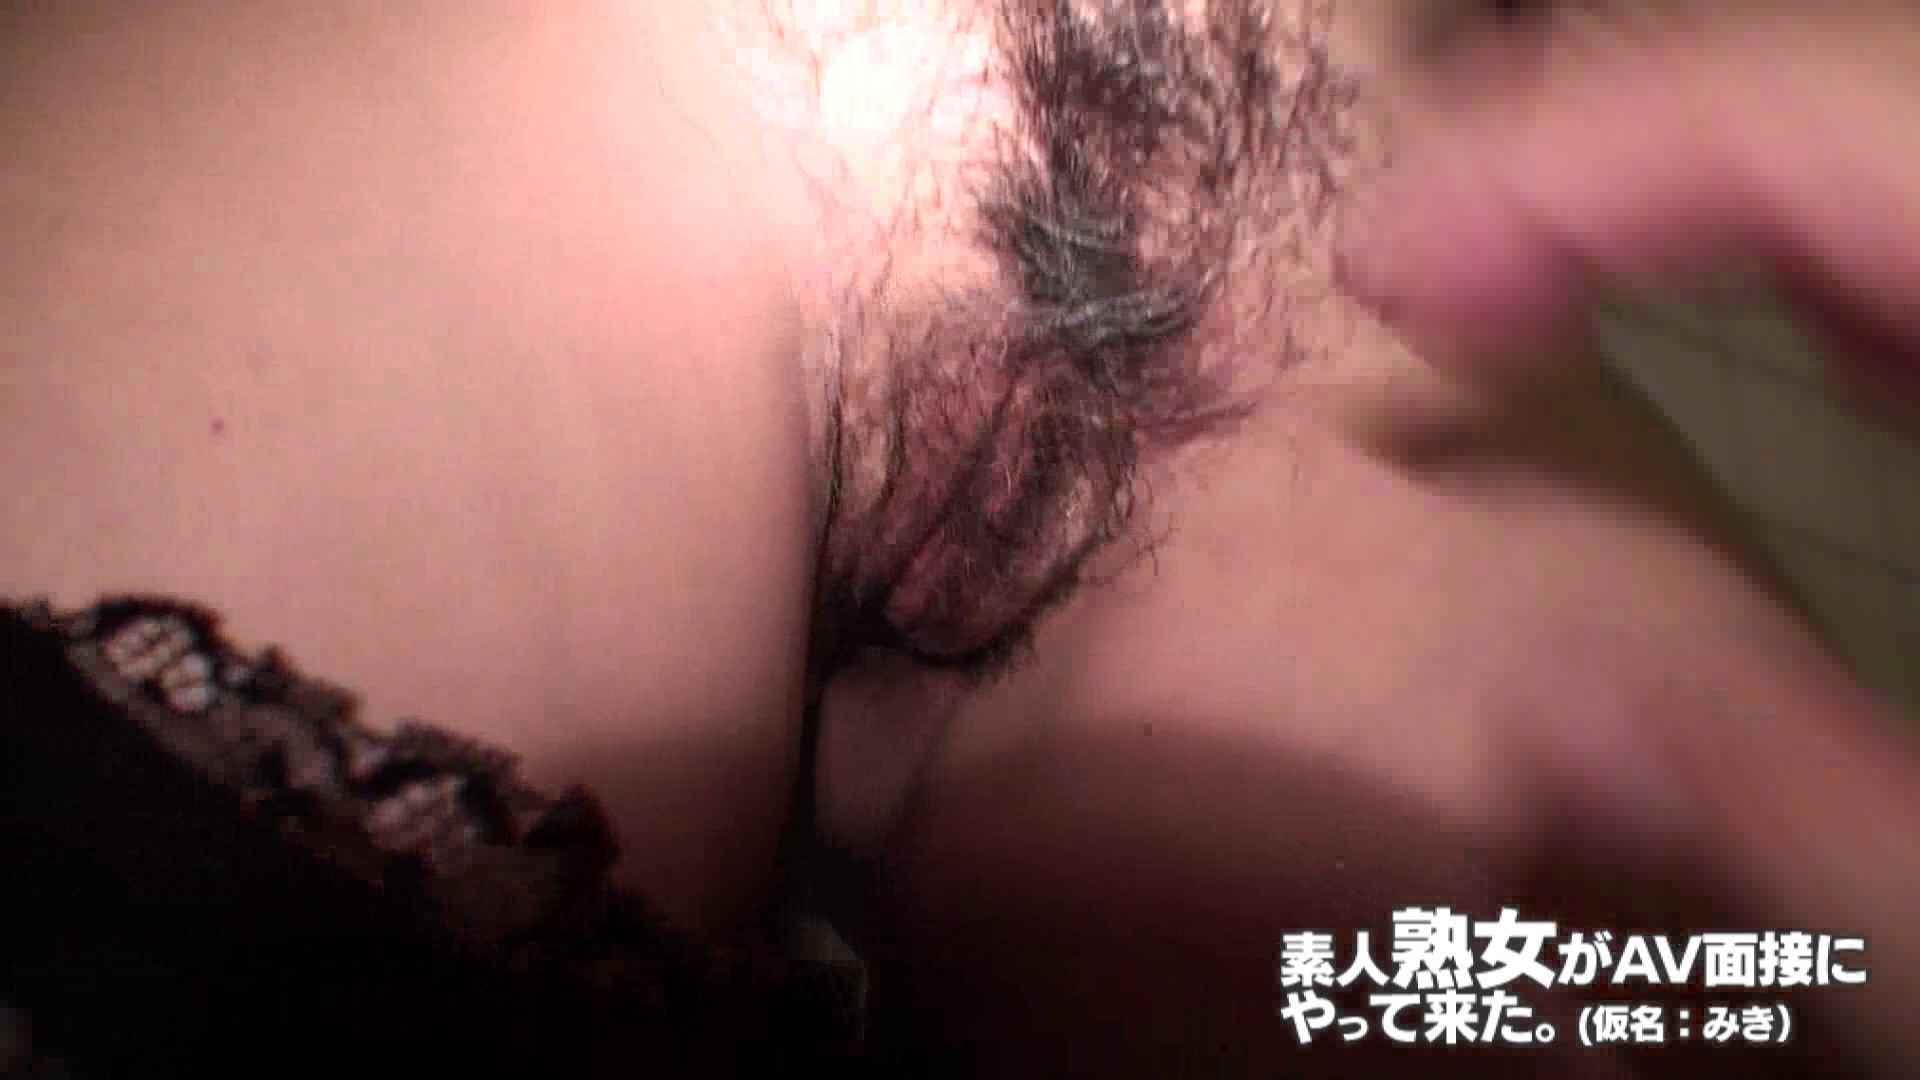 素人熟女がAV面接にやってきた (熟女)みきさんVOL.03 熟女 ヌード画像 60PIX 53